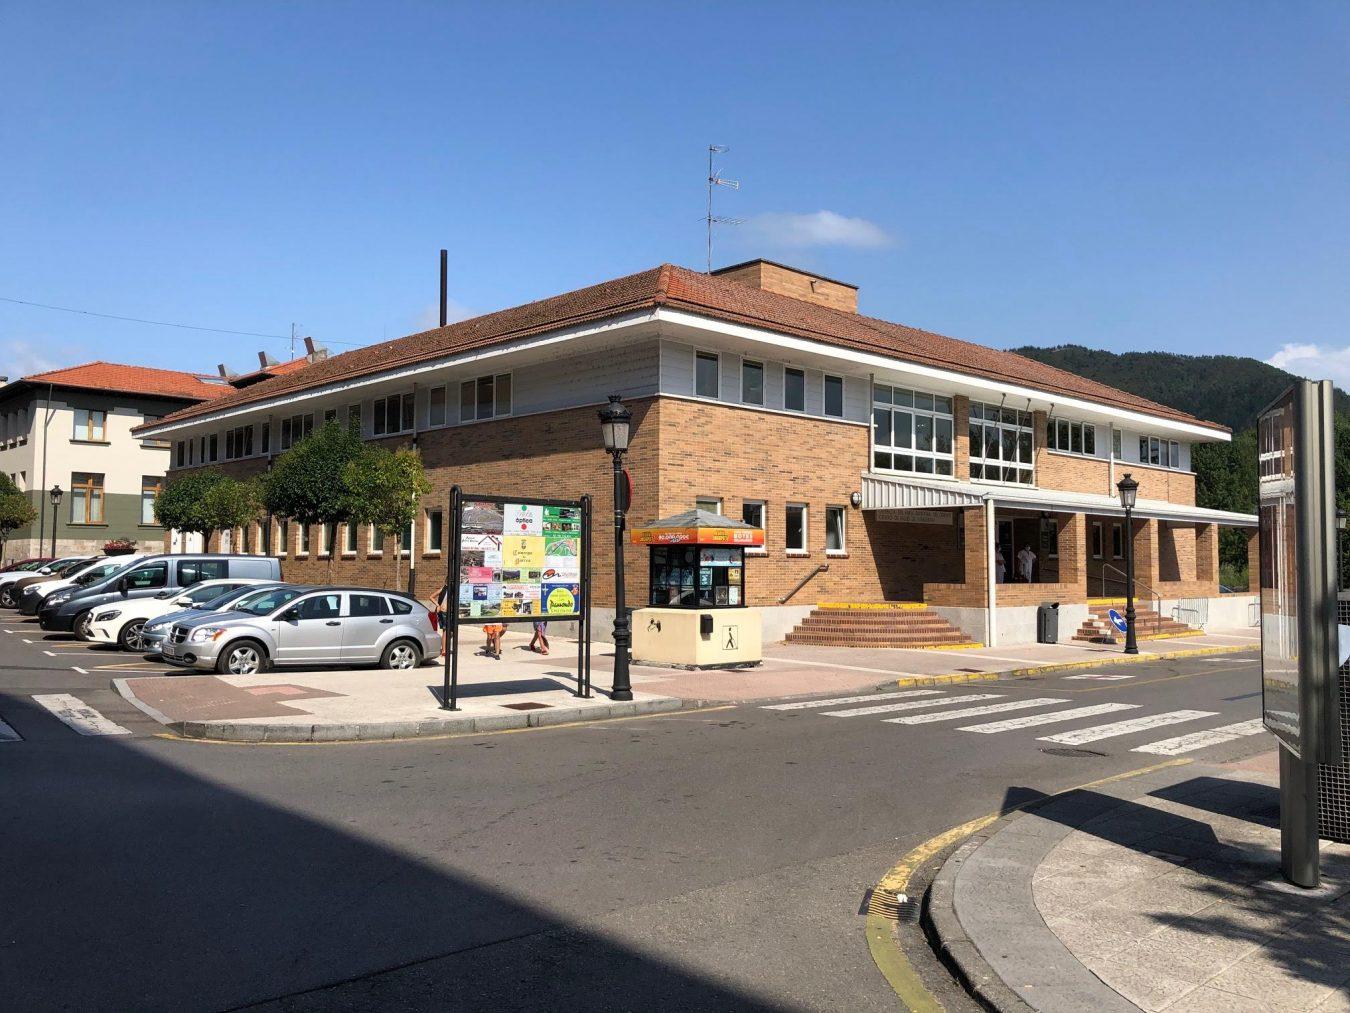 El concejo de Parres, el quinto de la comarca que tiene vacunada a la mitad de su población